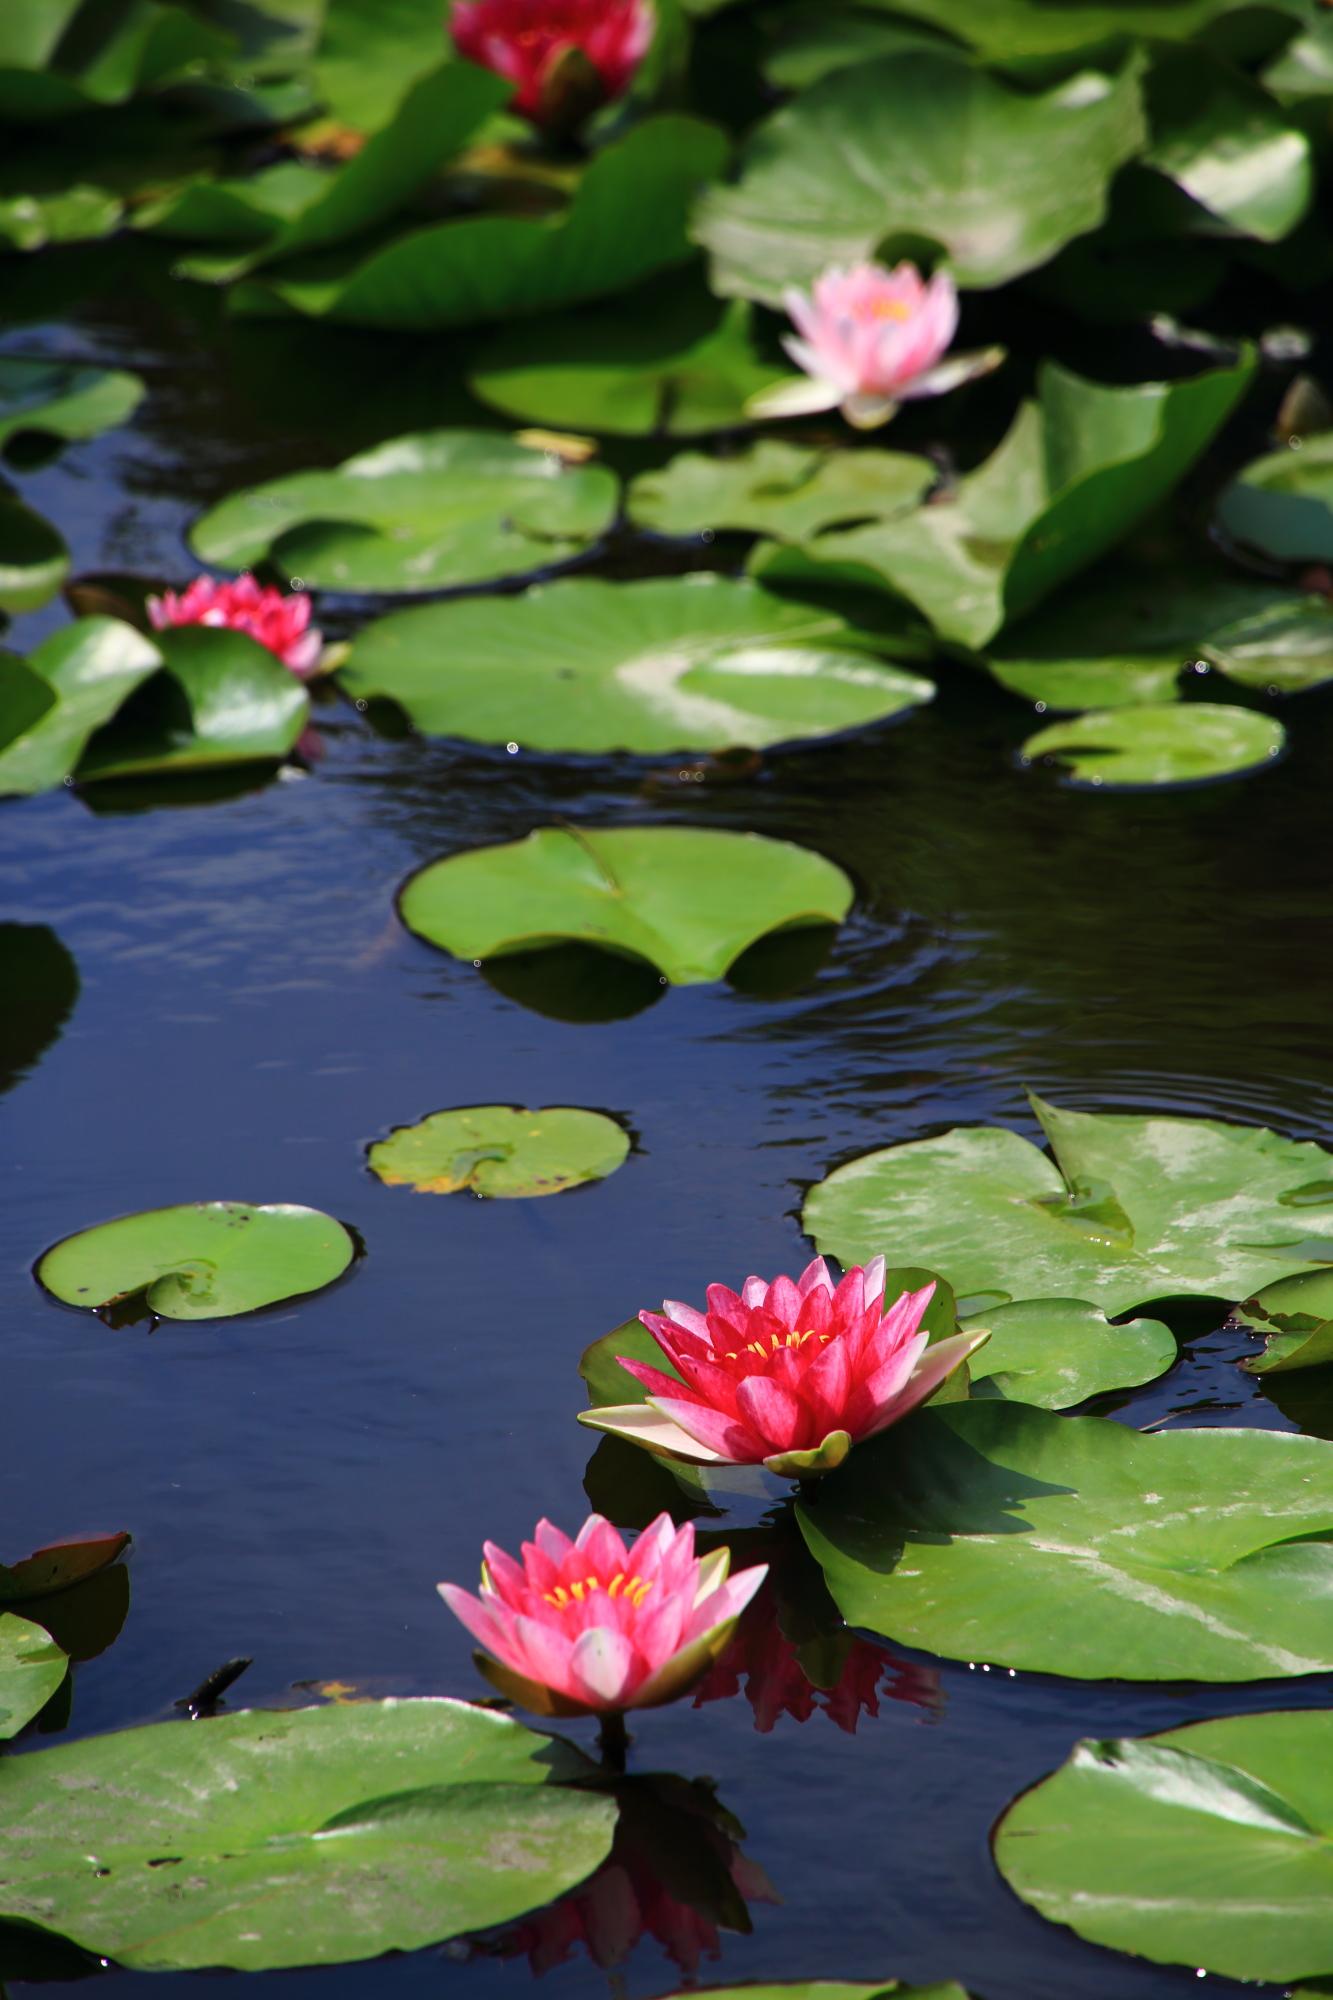 緑の葉っぱがあってこそ美しい睡蓮の花